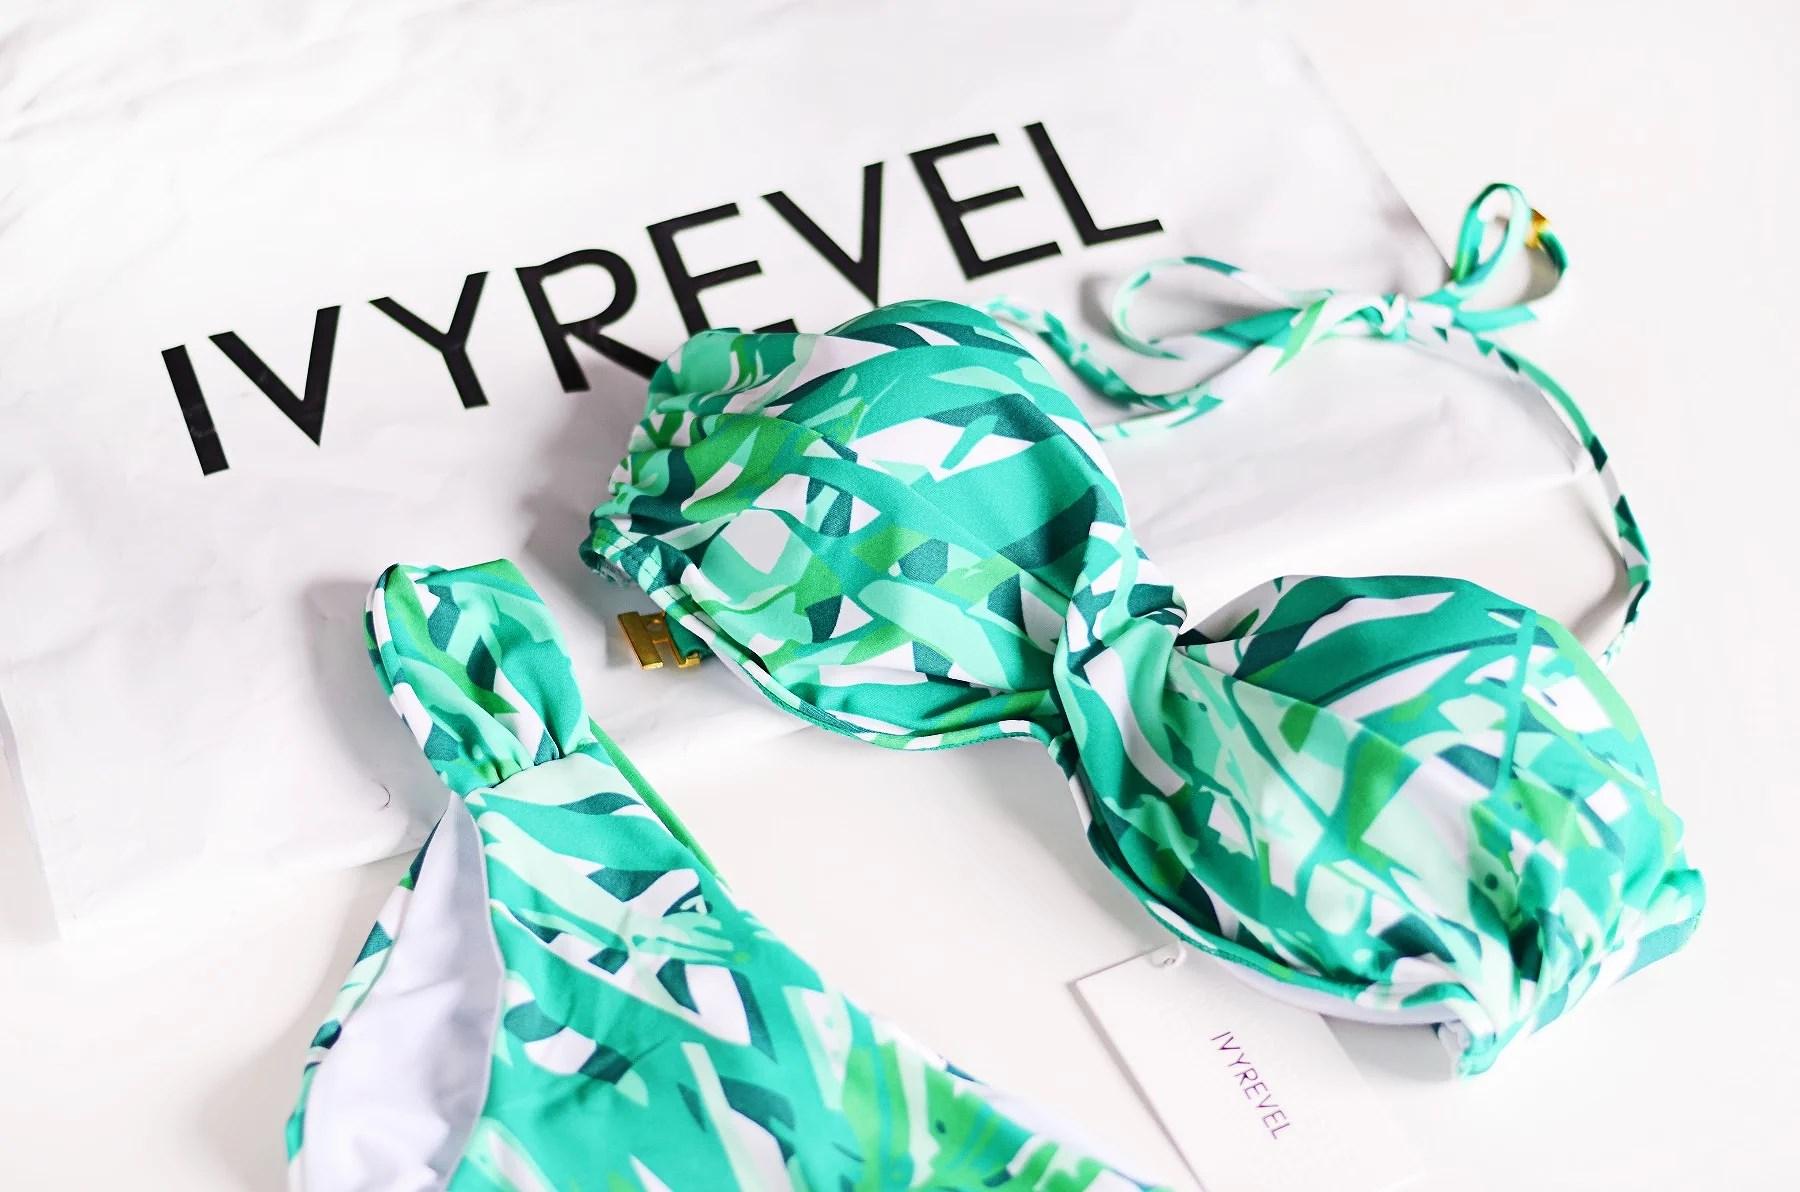 #IVYREVEL